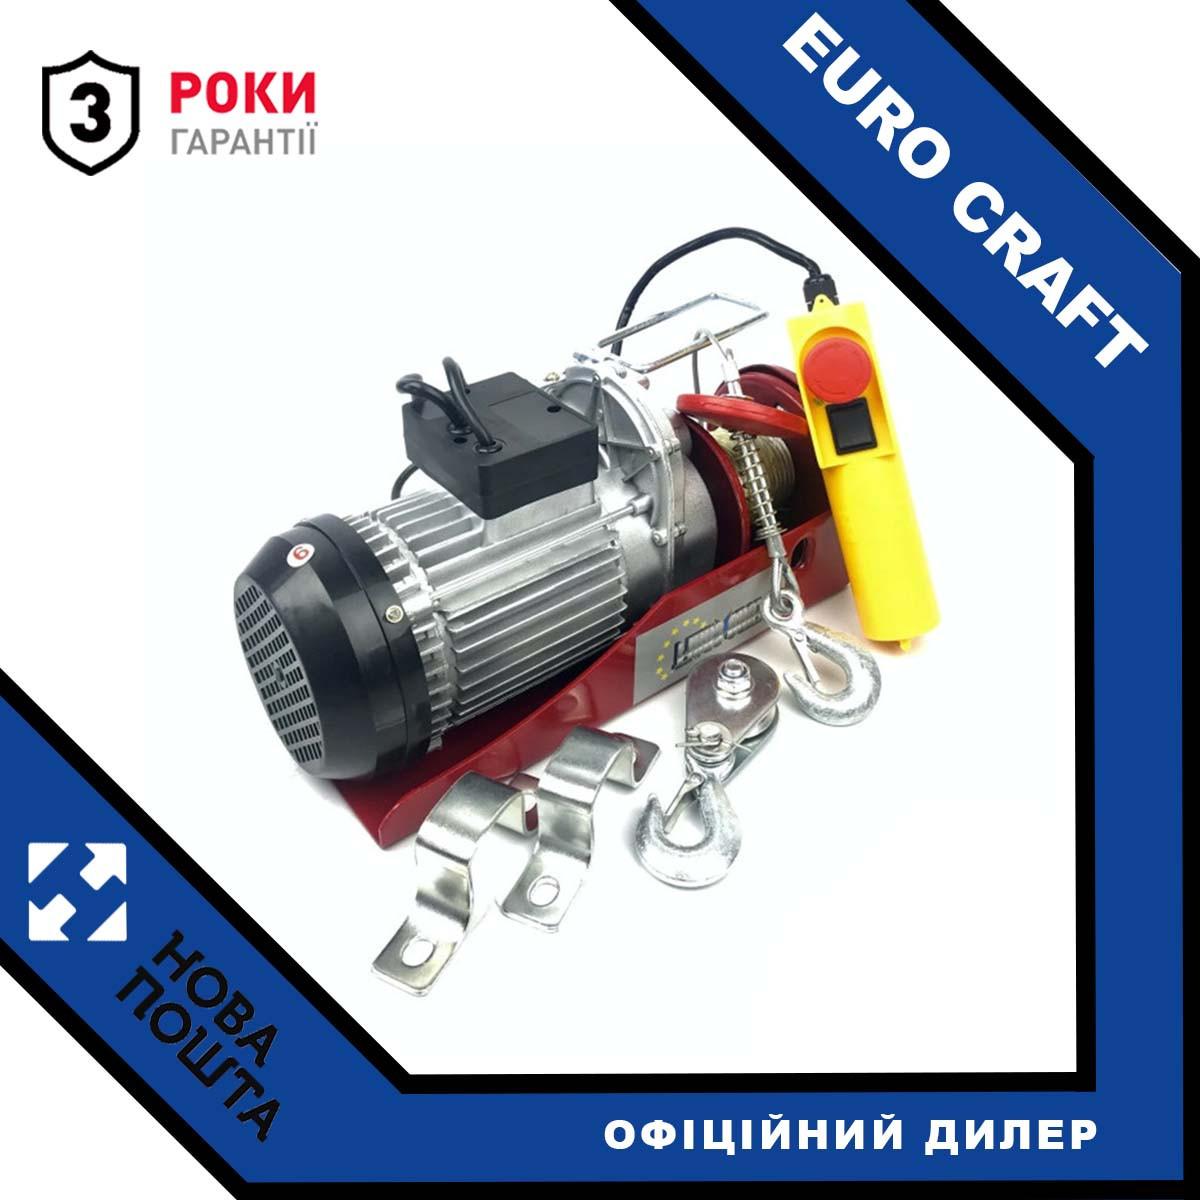 Тельфер Euro Craft HJ203 Польща 250/500 кг